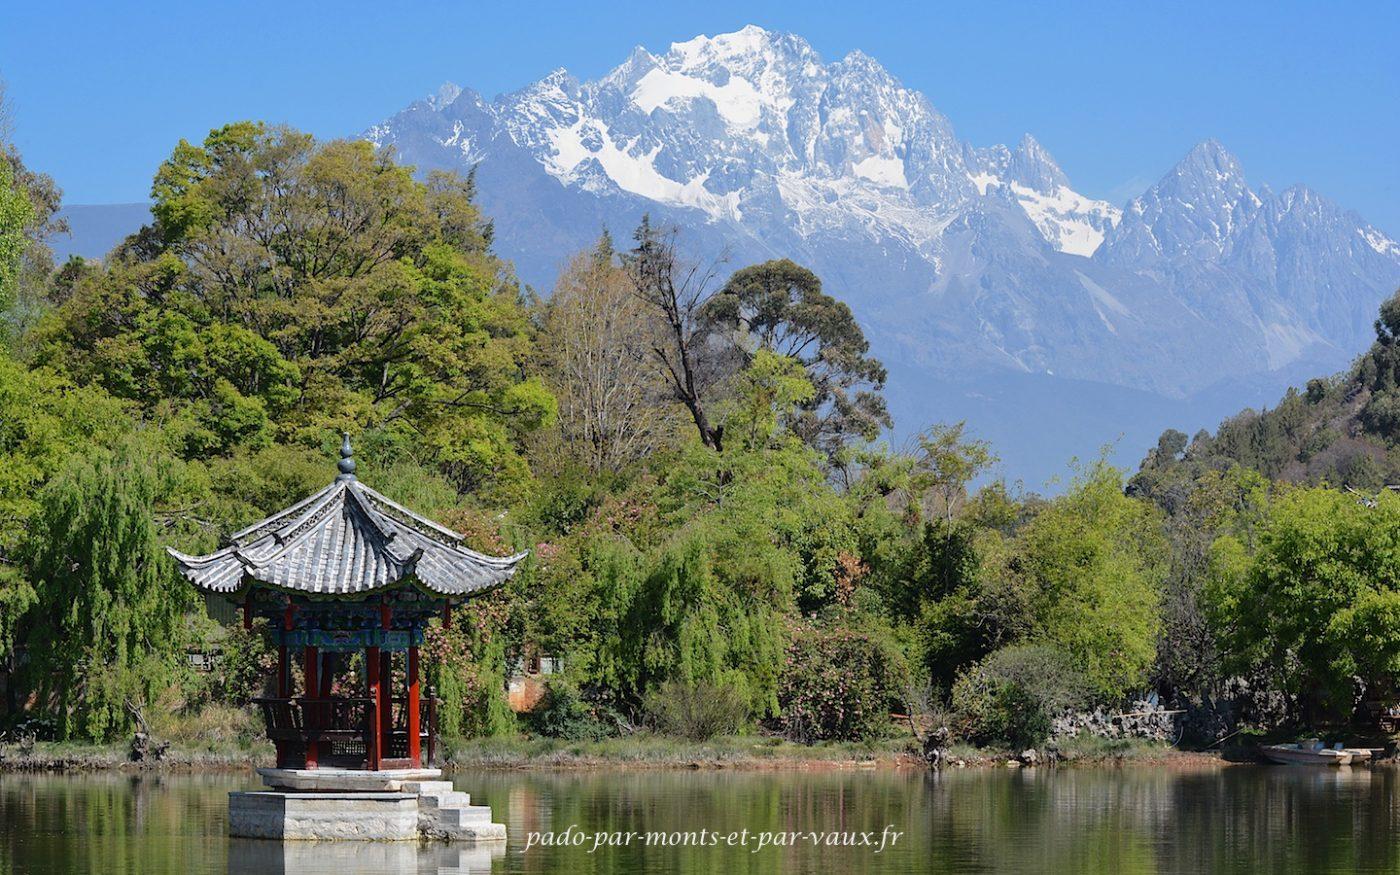 Lijiang - Parc de l'Etang du dragon noir